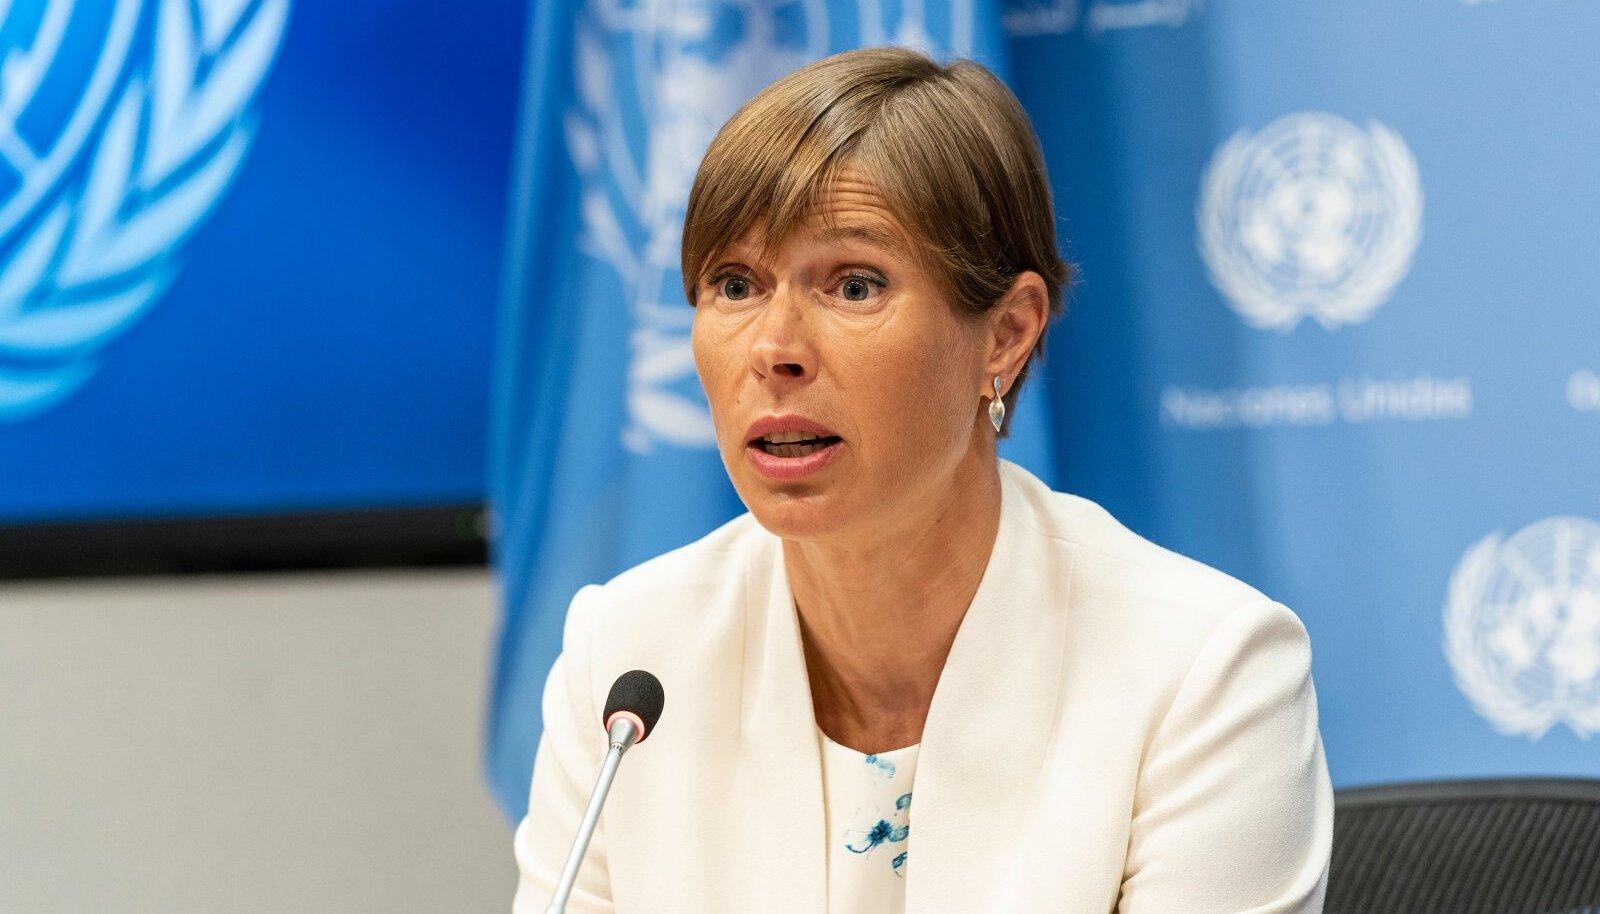 Üleeile ÜRO olulise ametiposti vastu võtnud Kersti Kaljulaid ütleb, et tema ametissemääramine on tunnustus kogu Eesti välispoliitikale ja diplomaatidele.